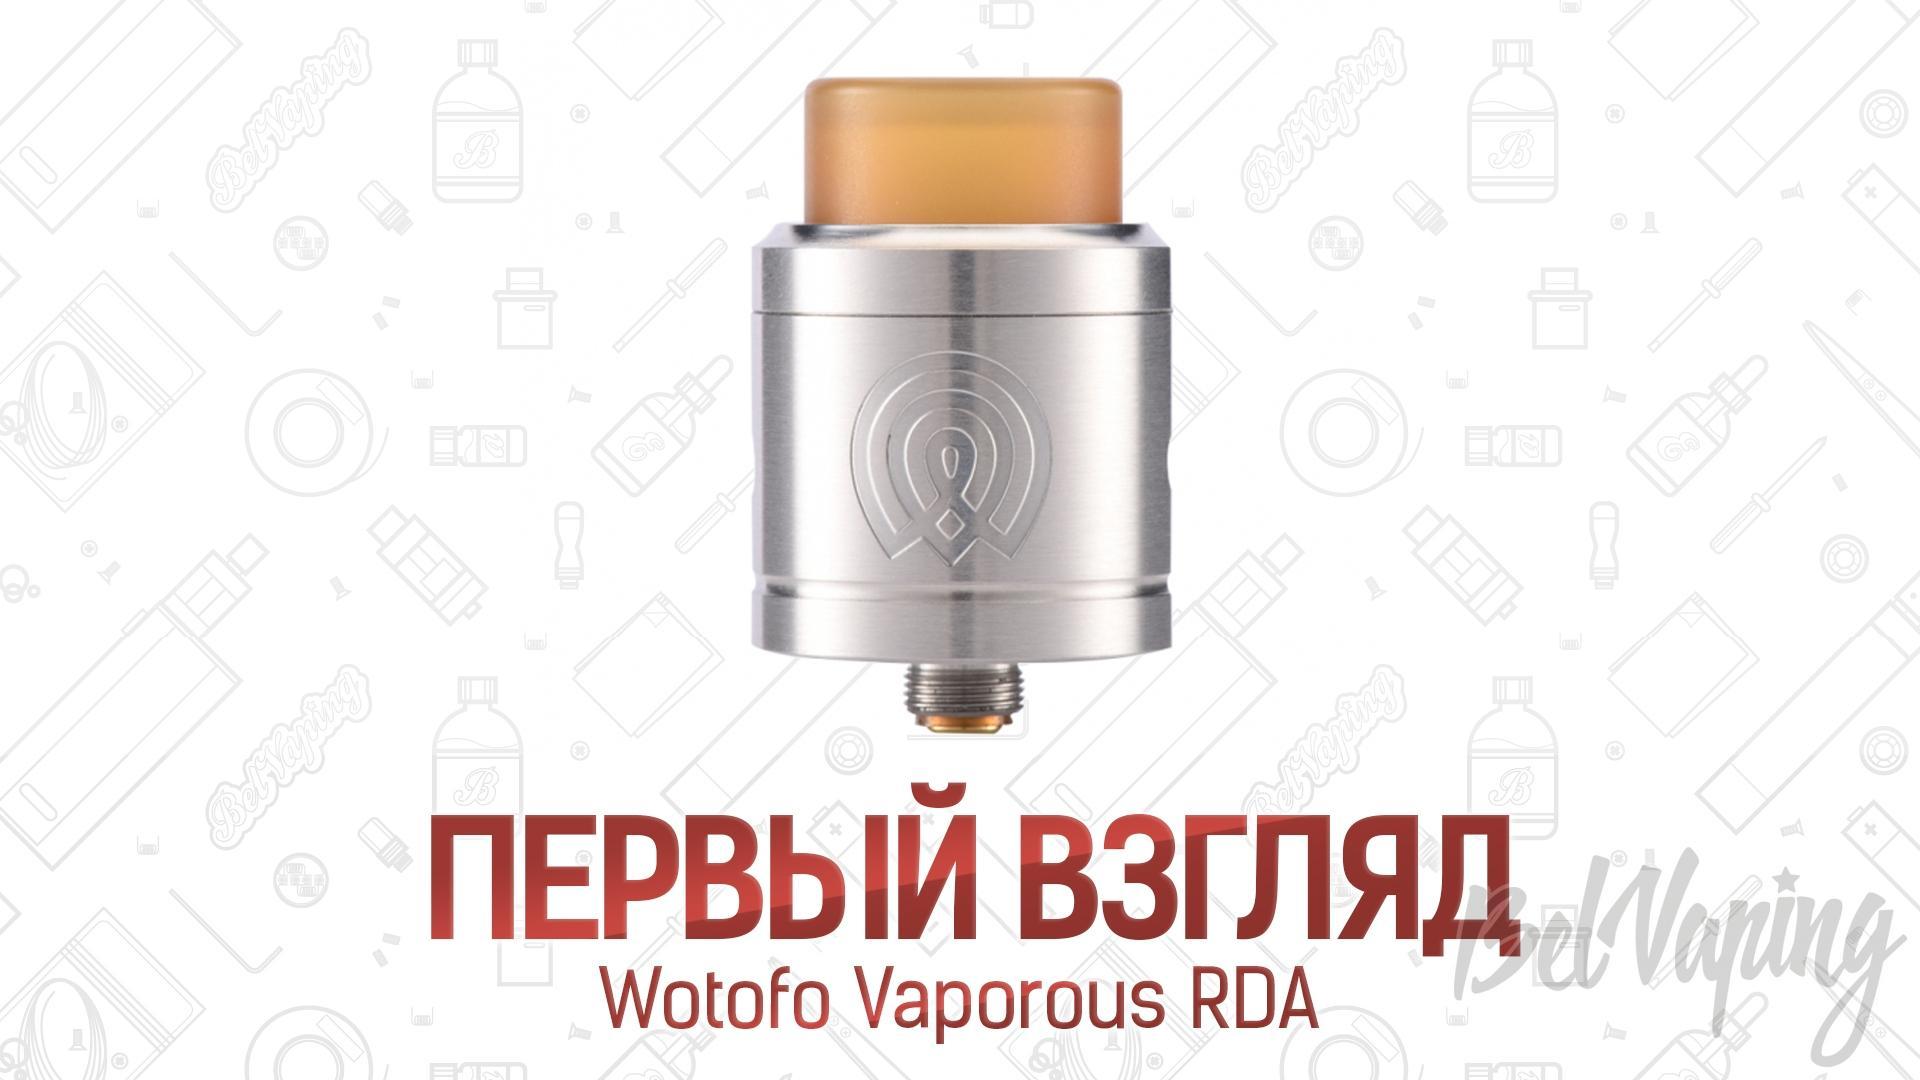 Wotofo Vaporous RDA. Первый взгляд